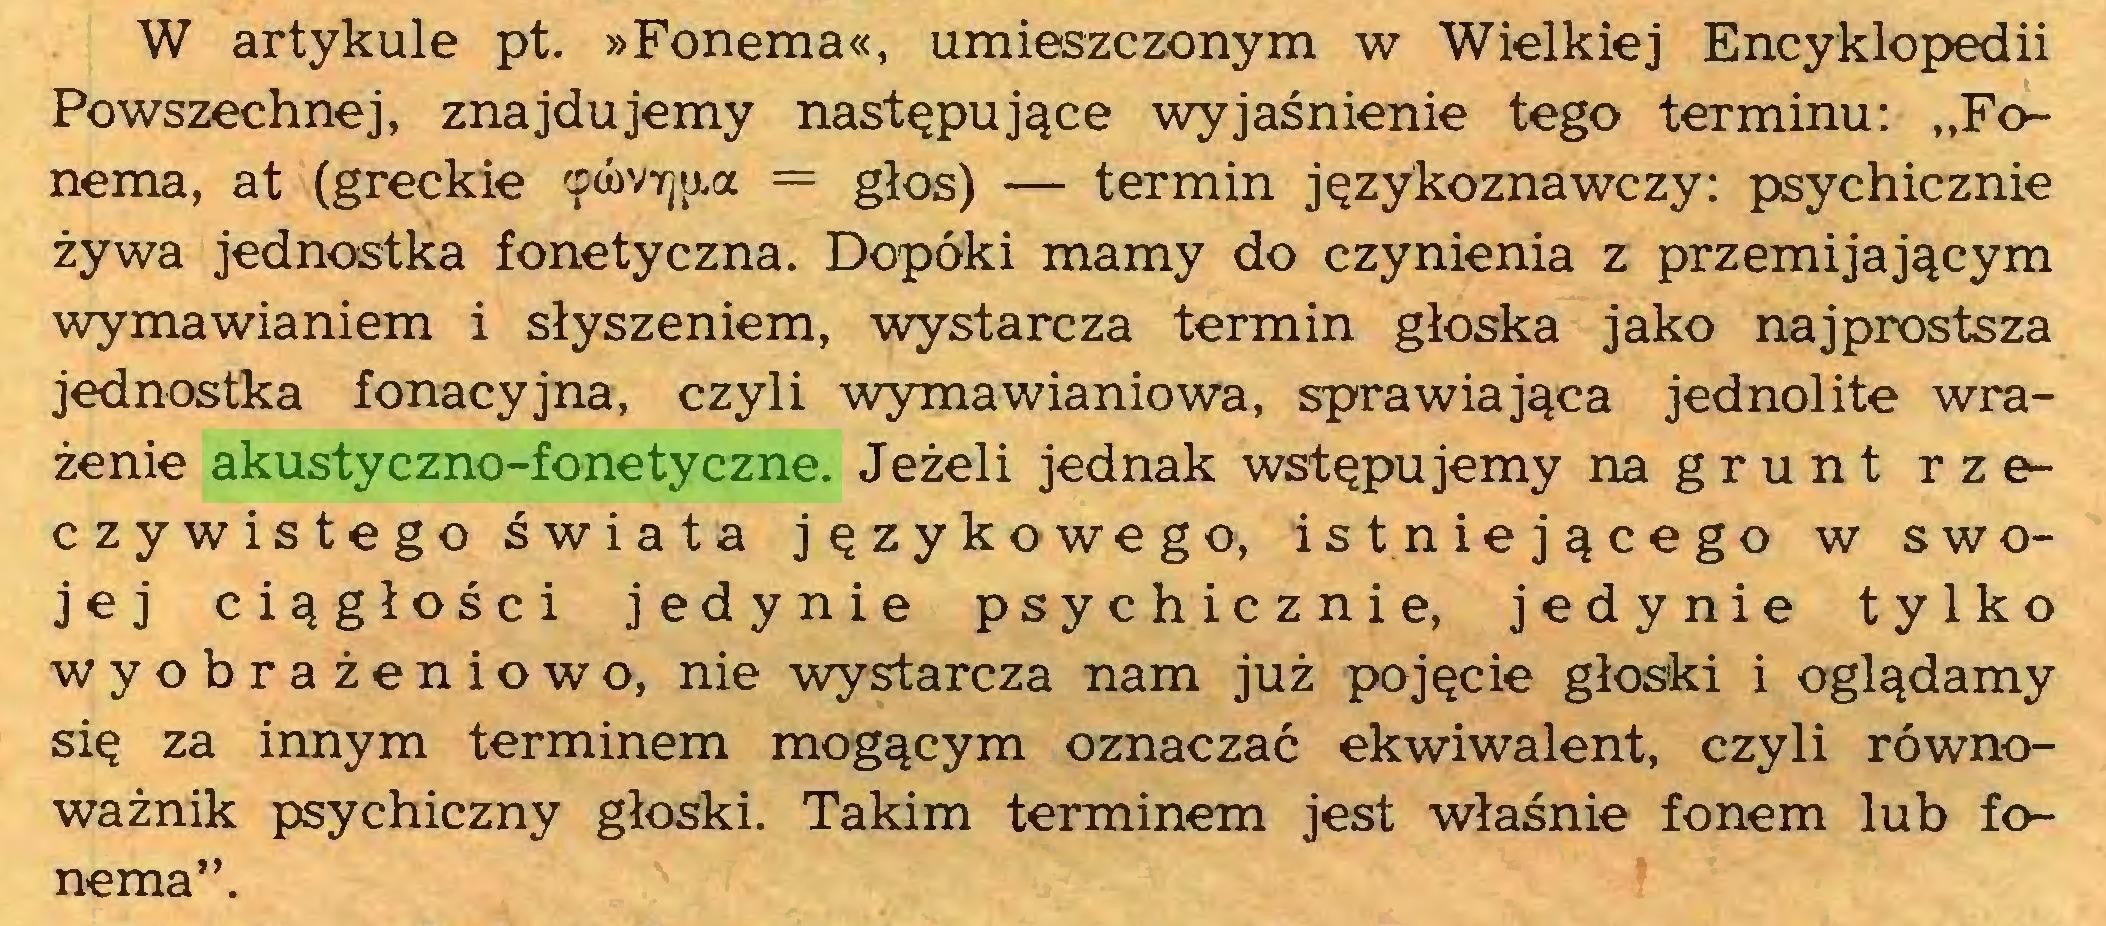 """(...) W artykule pt. »Fonema«, umieszczonym w Wielkiej Encyklopedii Powszechnej, znajdujemy następujące wyjaśnienie tego terminu: """"Fonema, at (greckie ęówirjua = głos) — termin językoznawczy: psychicznie żywa jednostka fonetyczna. Dopóki mamy do czynienia z przemijającym wymawianiem i słyszeniem, wystarcza termin głoska jako najprostsza jednostka fonacyjna, czyli wymawianiowa, sprawiająca jednolite wrażenie akustyczno-fonetyczne. Jeżeli jednak wstępujemy na grunt rzeczywistego świata językowego, istniejącego w swojej ciągłości jedynie psychicznie, jedynie tylko wyobrażeniowo, nie wystarcza nam już pojęcie głoski i oglądamy się za innym terminem mogącym oznaczać ekwiwalent, czyli równoważnik psychiczny głoski. Takim terminem jest właśnie fonem lub fonema""""..."""